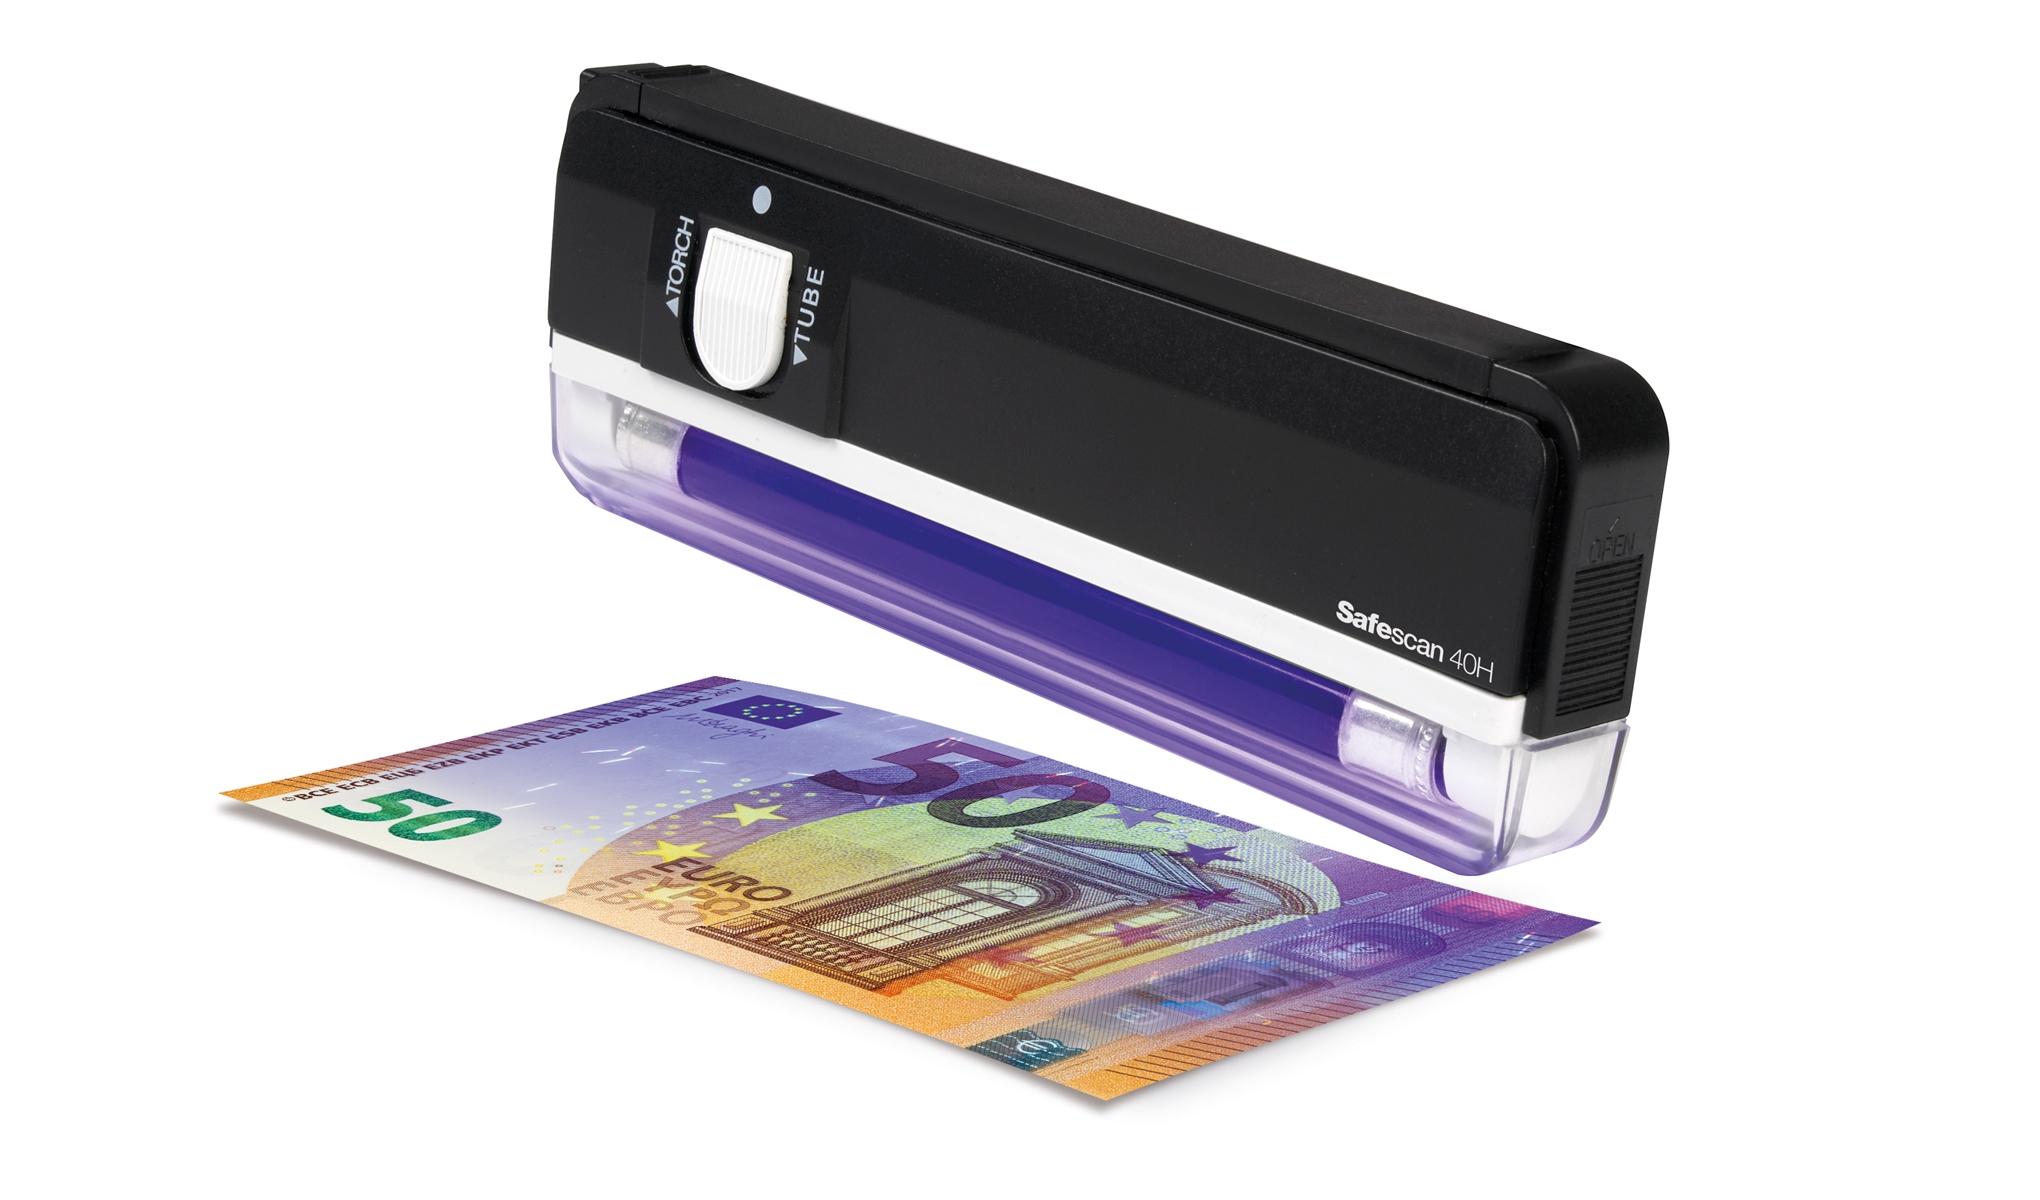 safescan-40h-detecteur-de-fausse-monnaie-portable